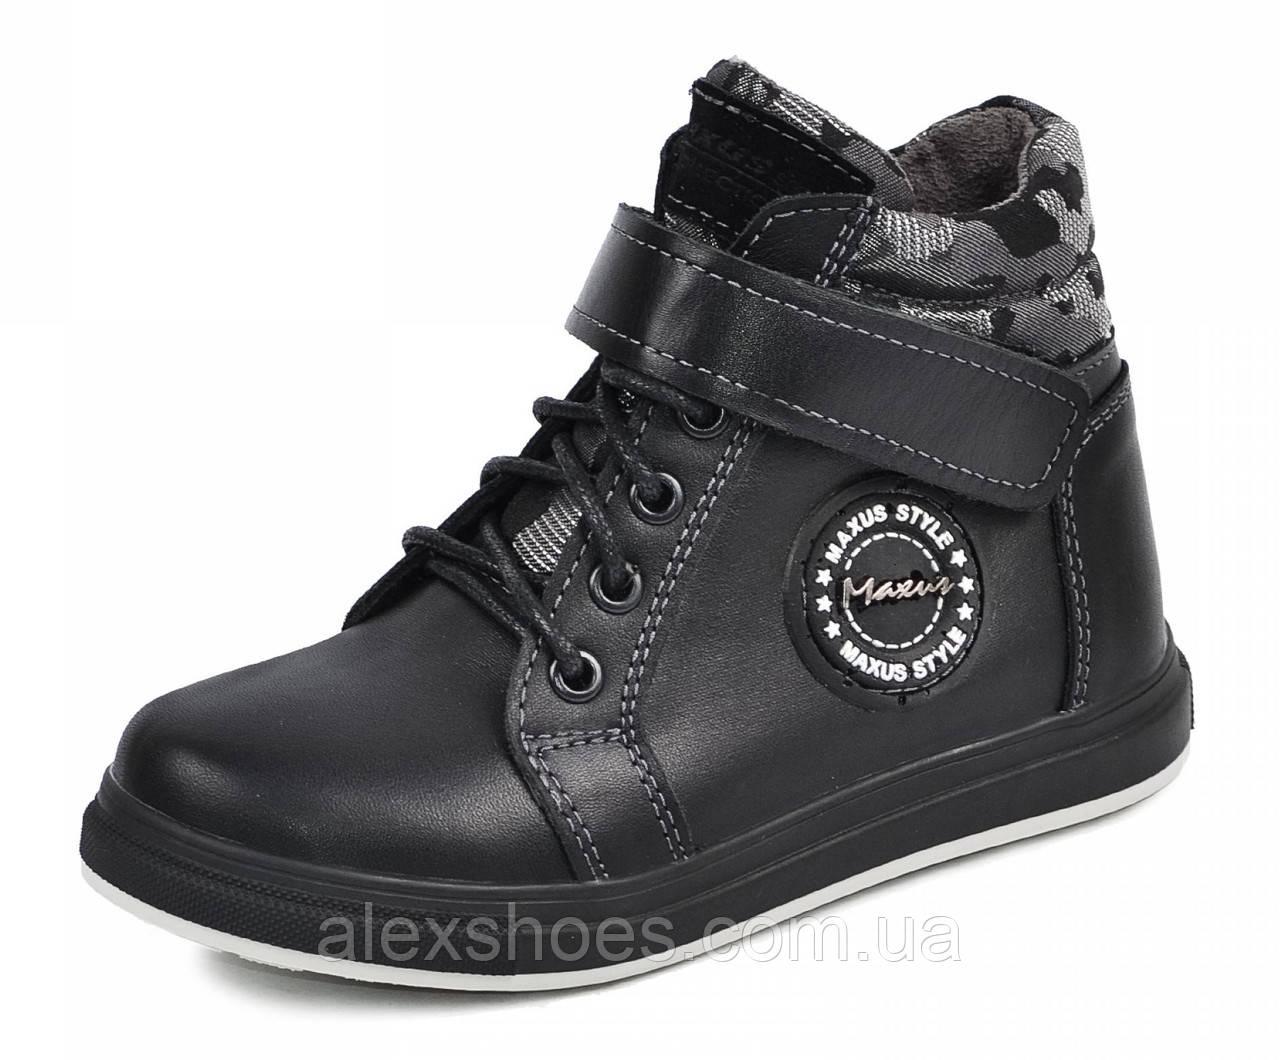 Ботинки подростковые из натуральной кожи от производителя модель МАК749